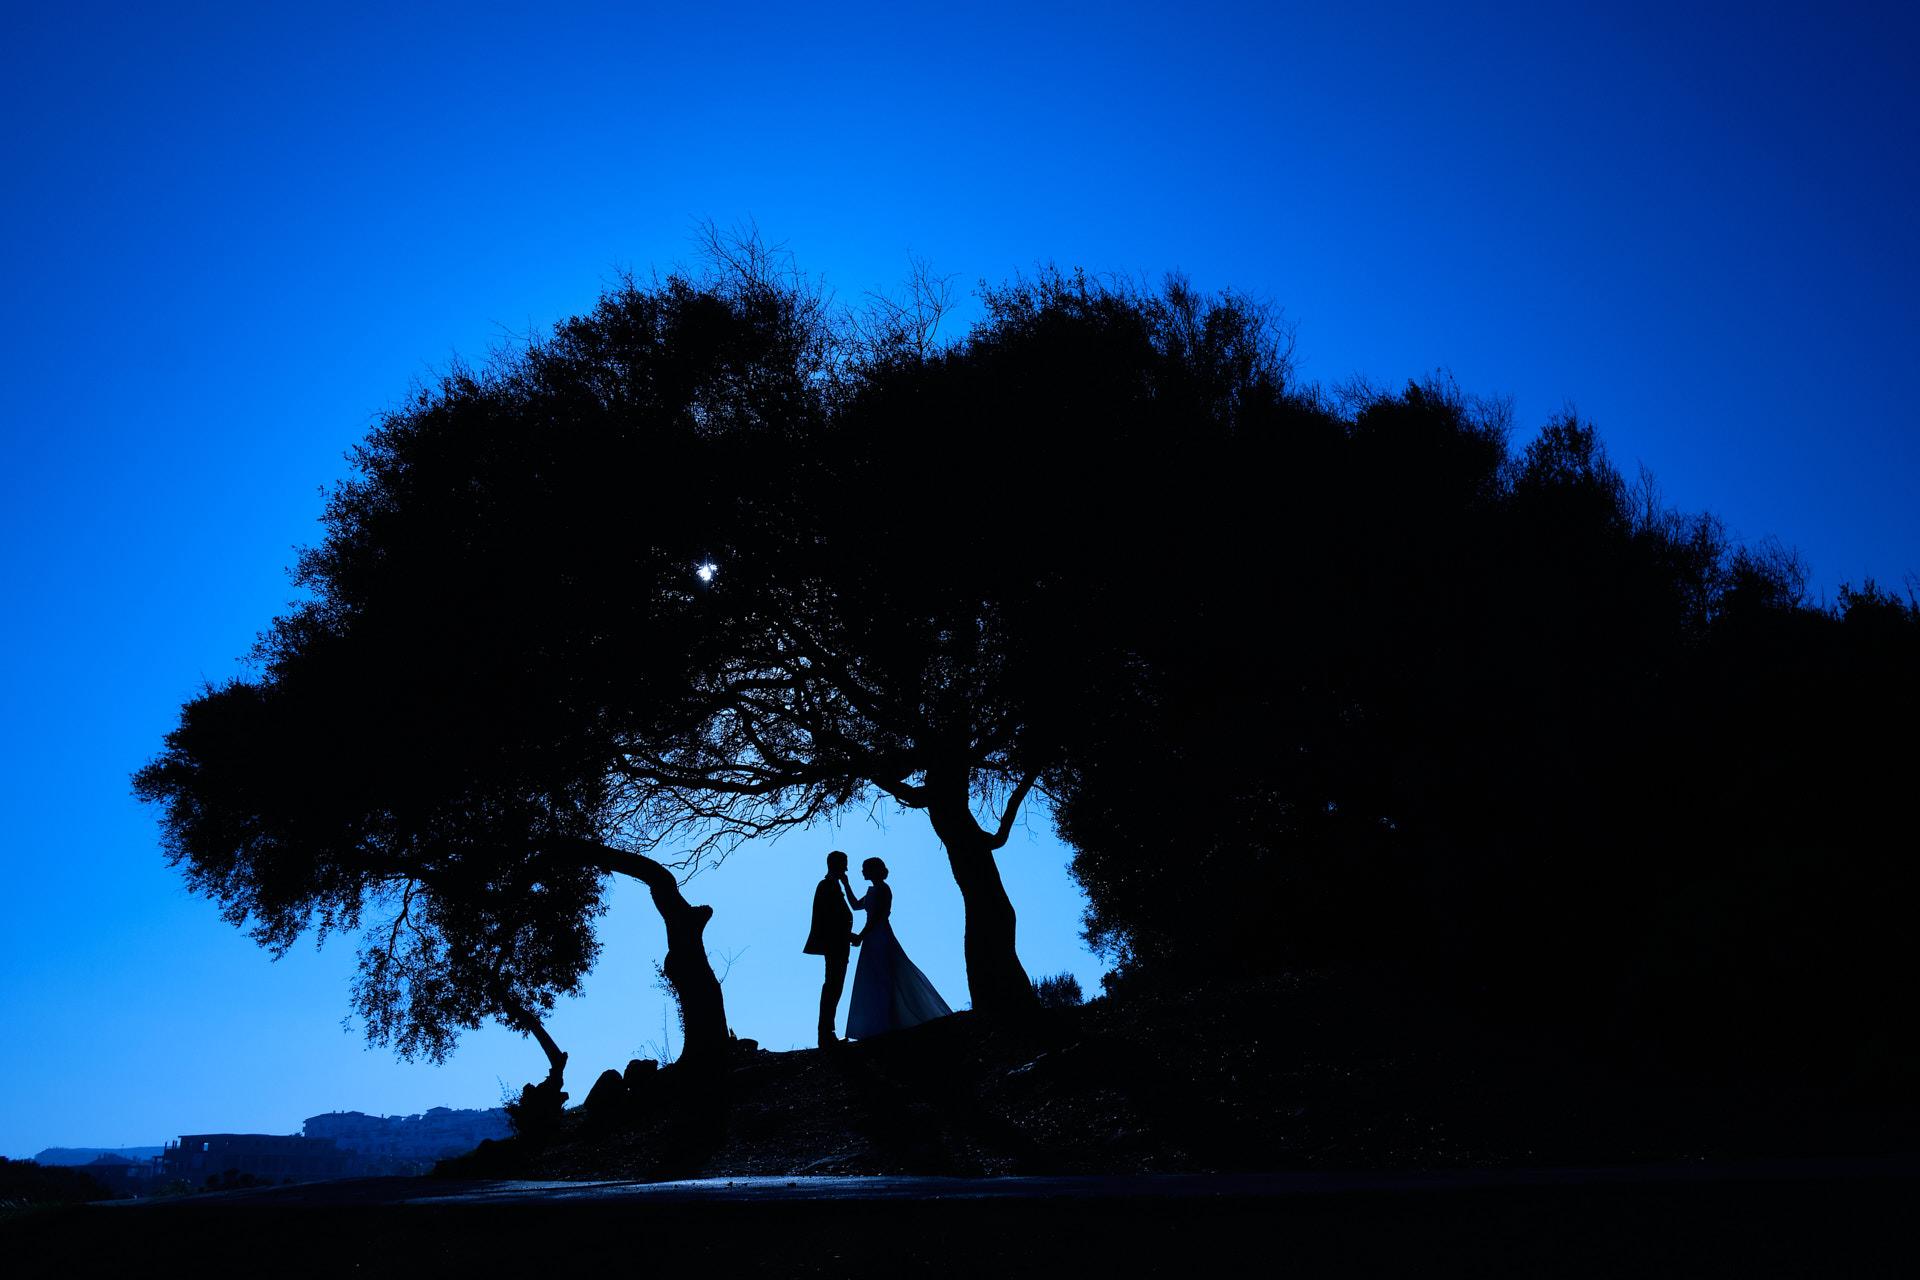 Los mejores momentos fotografiados en la boda de Inés y Jaime.